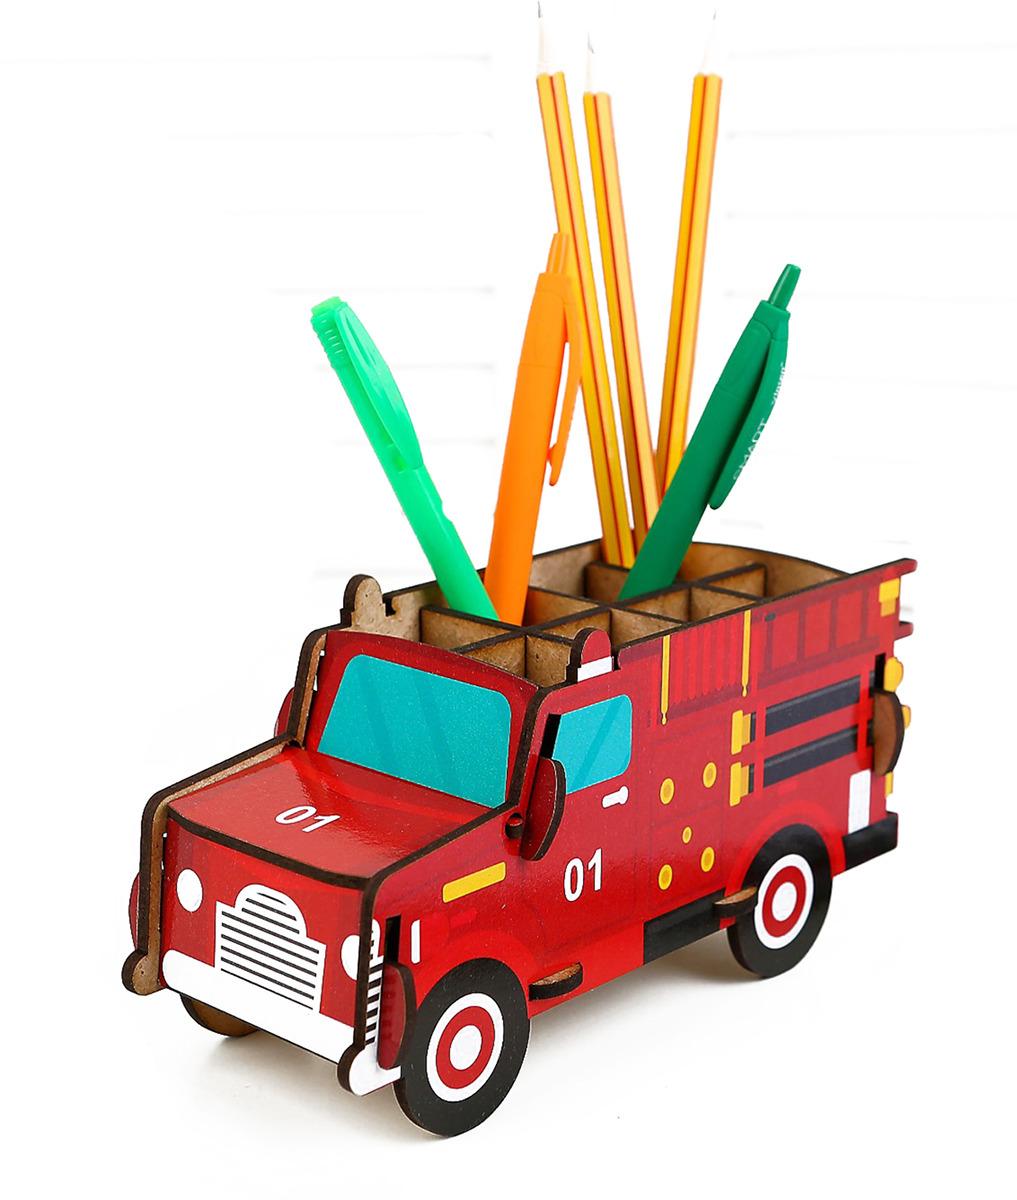 Подставка для канцелярских принадлежностей Пожарная машина, 3649872, красный принадлежности для дома new shk1008